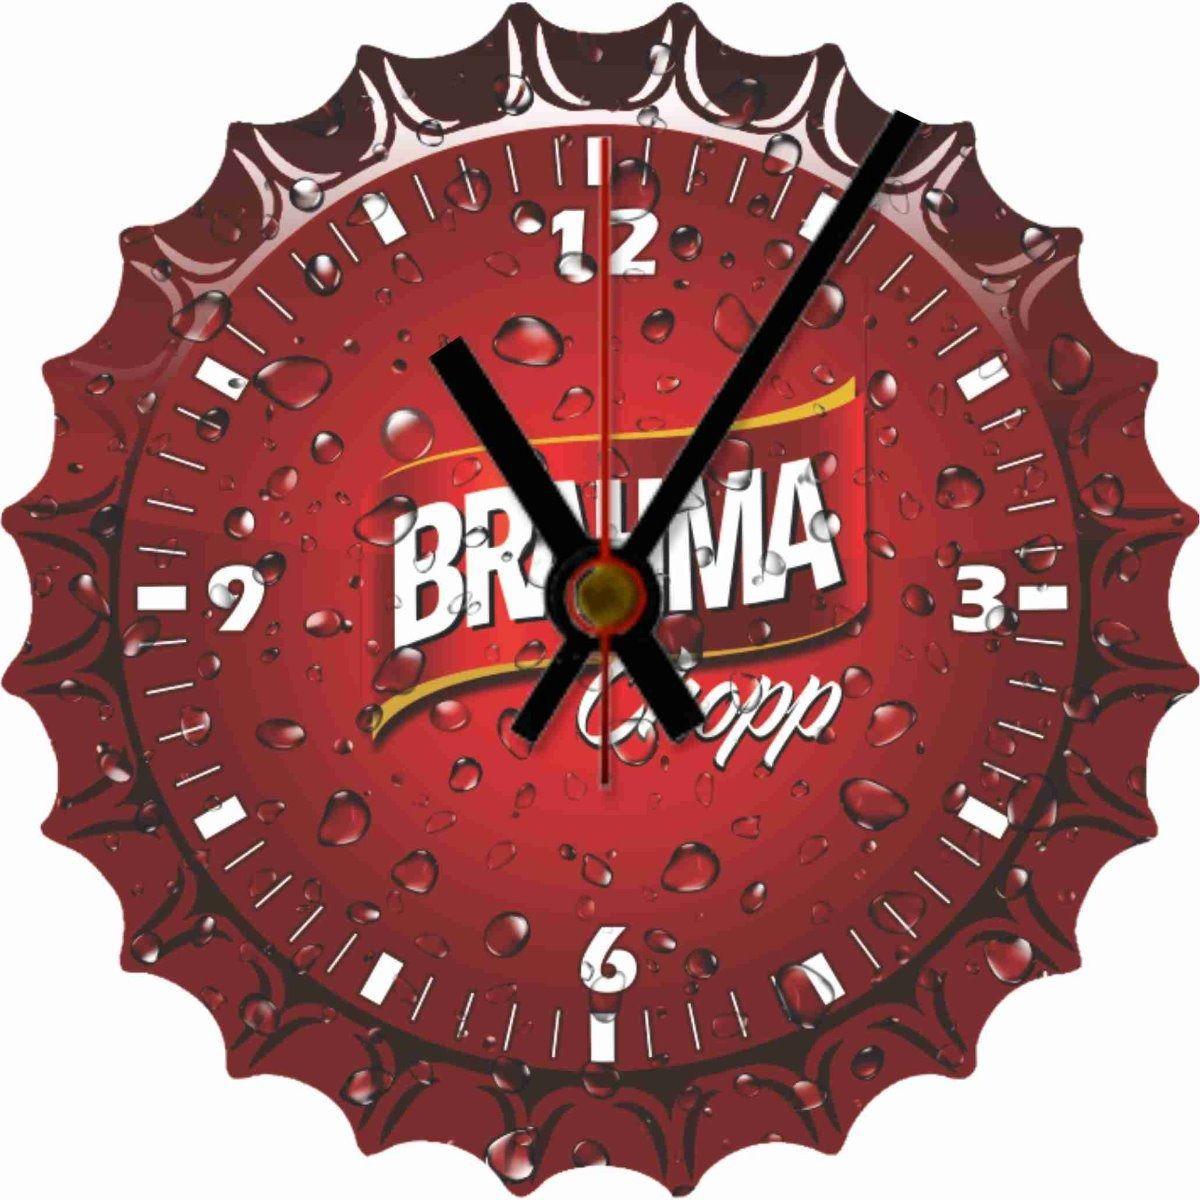 Relógio de Parede Tampinha Brahma Chopp Analógico em Madeira MDF